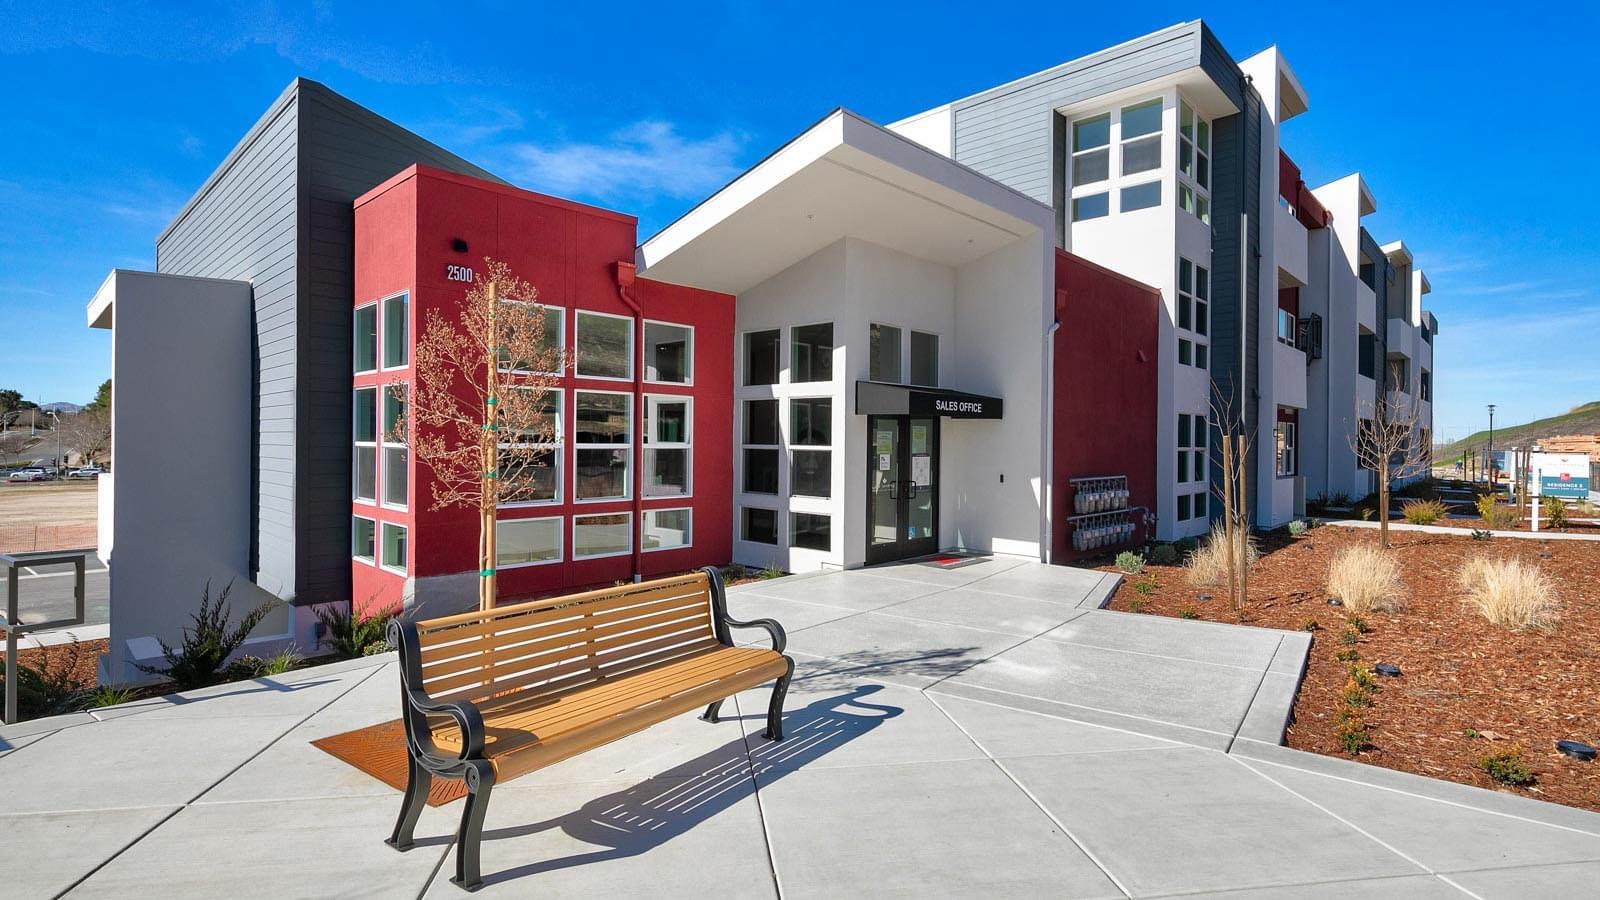 The Landing Community Center